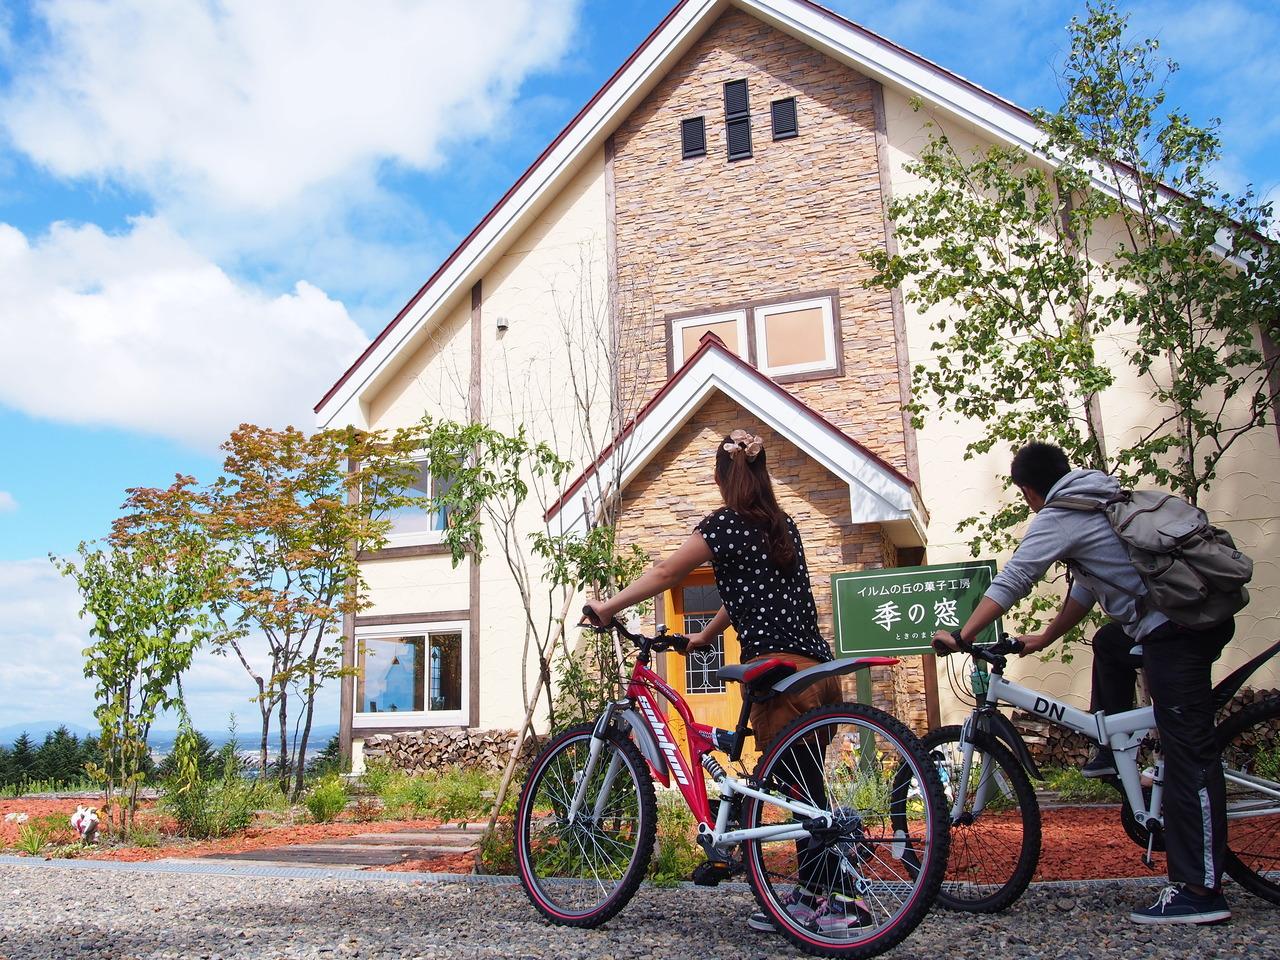 深川の景色やグルメなど、自転車に乗って楽しみませんか (9/11〜10/31) 札幌